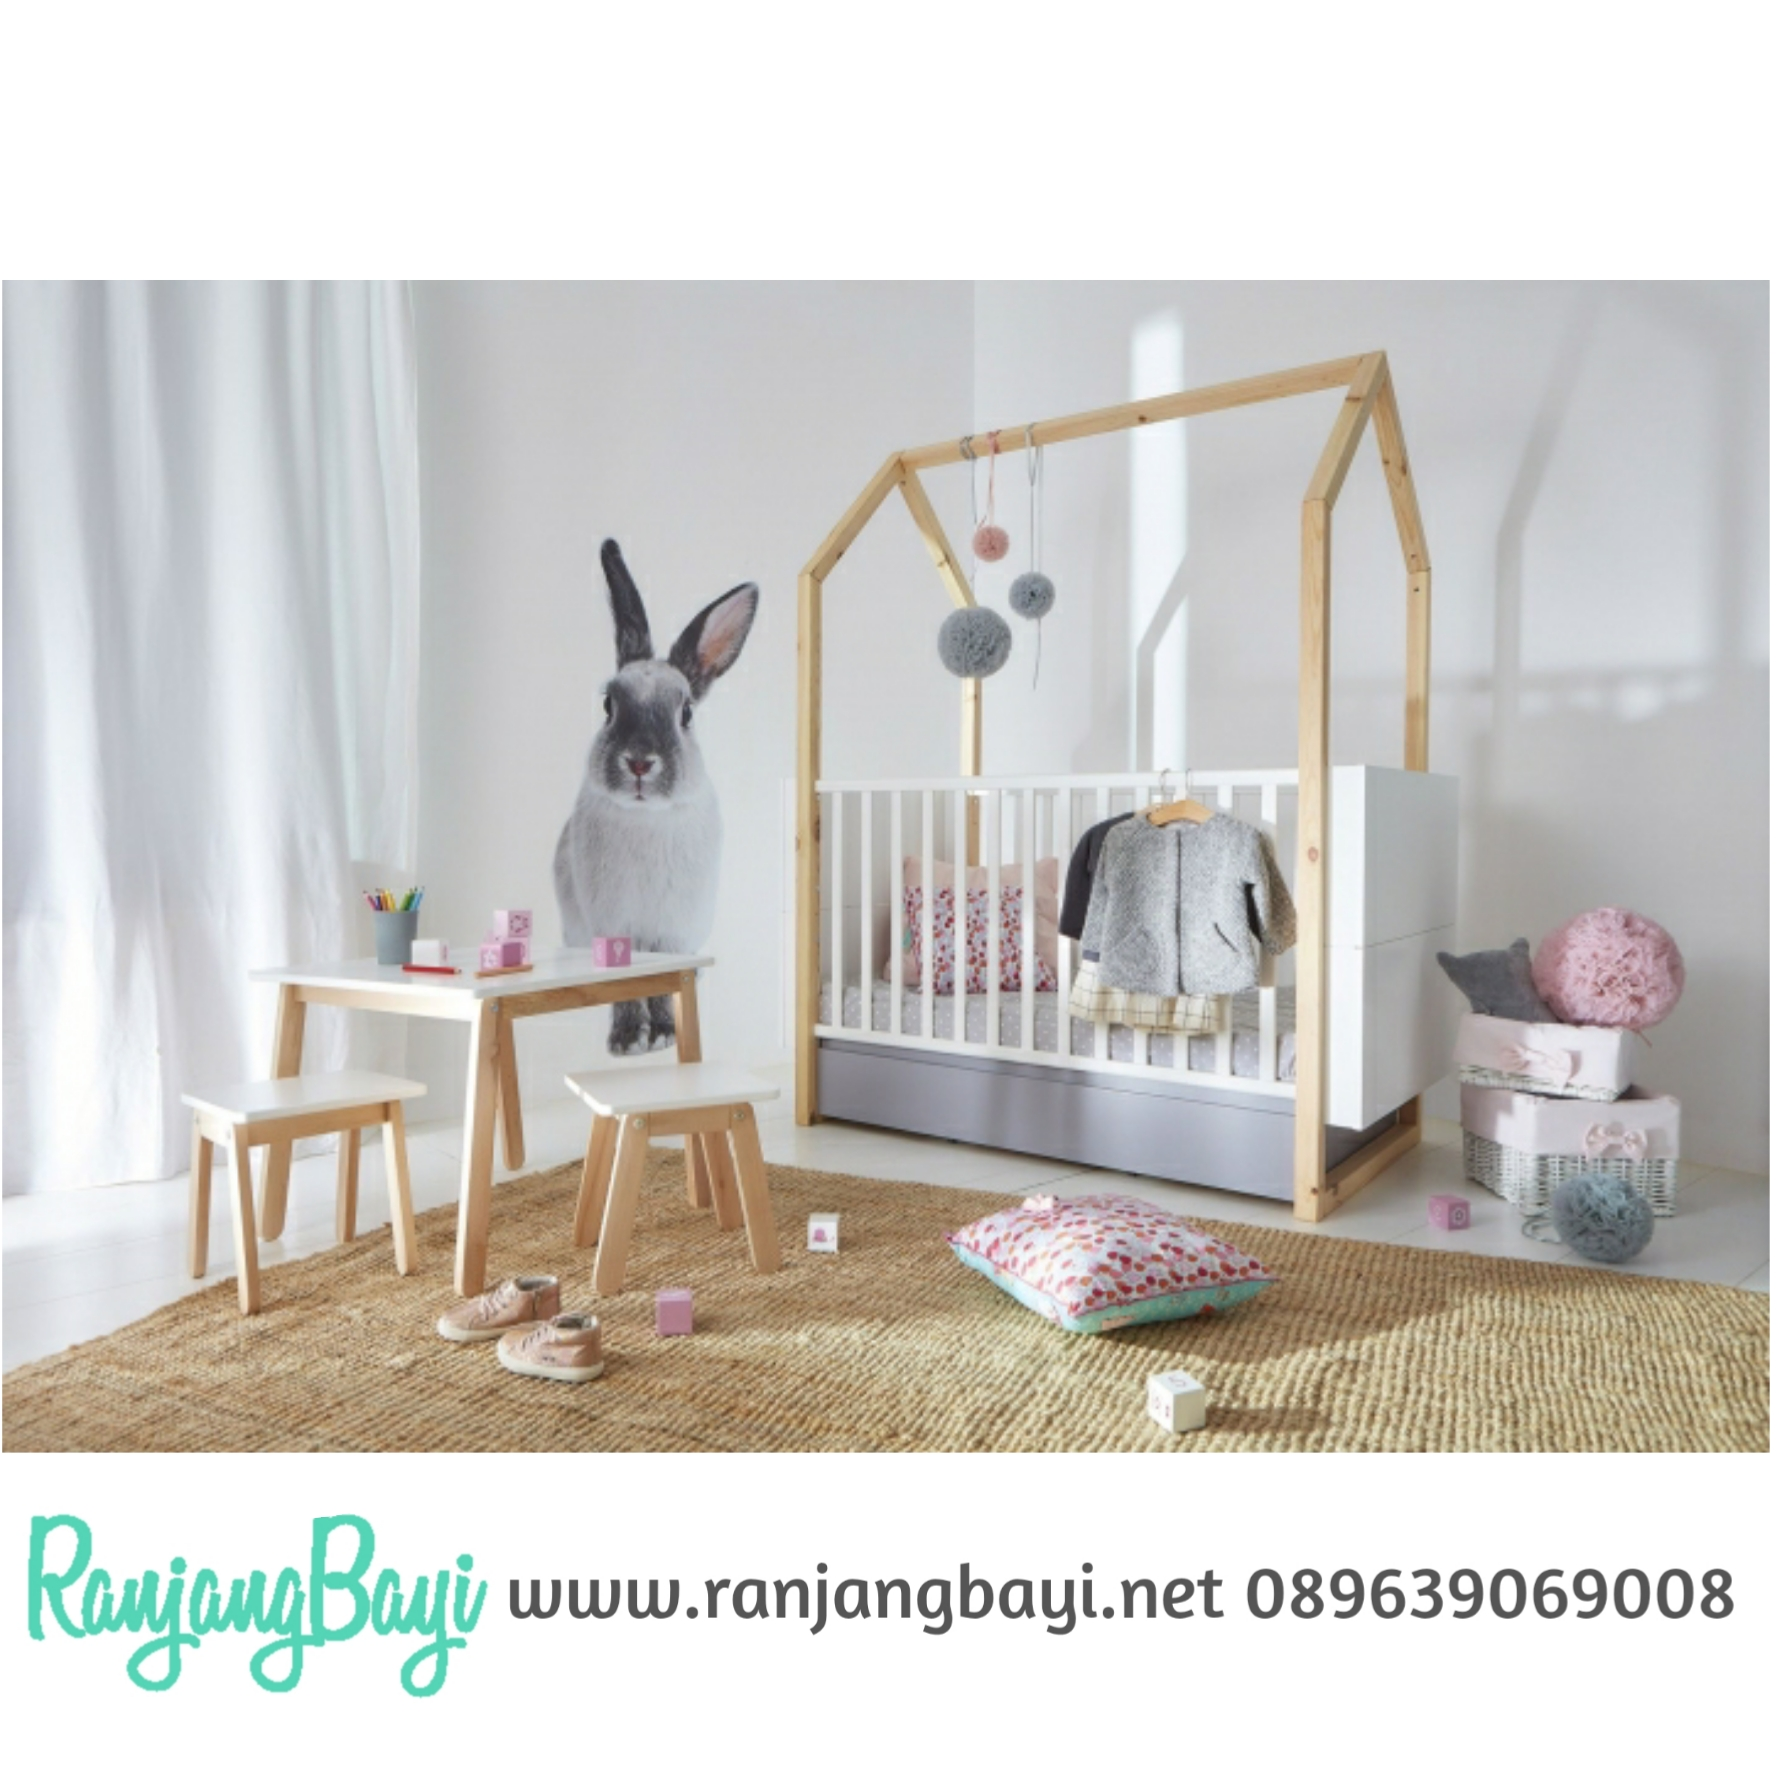 Box Bayi Unik Terbaru Scandinavian Desain Kamar Bayi Ranjang Bayi Tempat tidur bayi unik